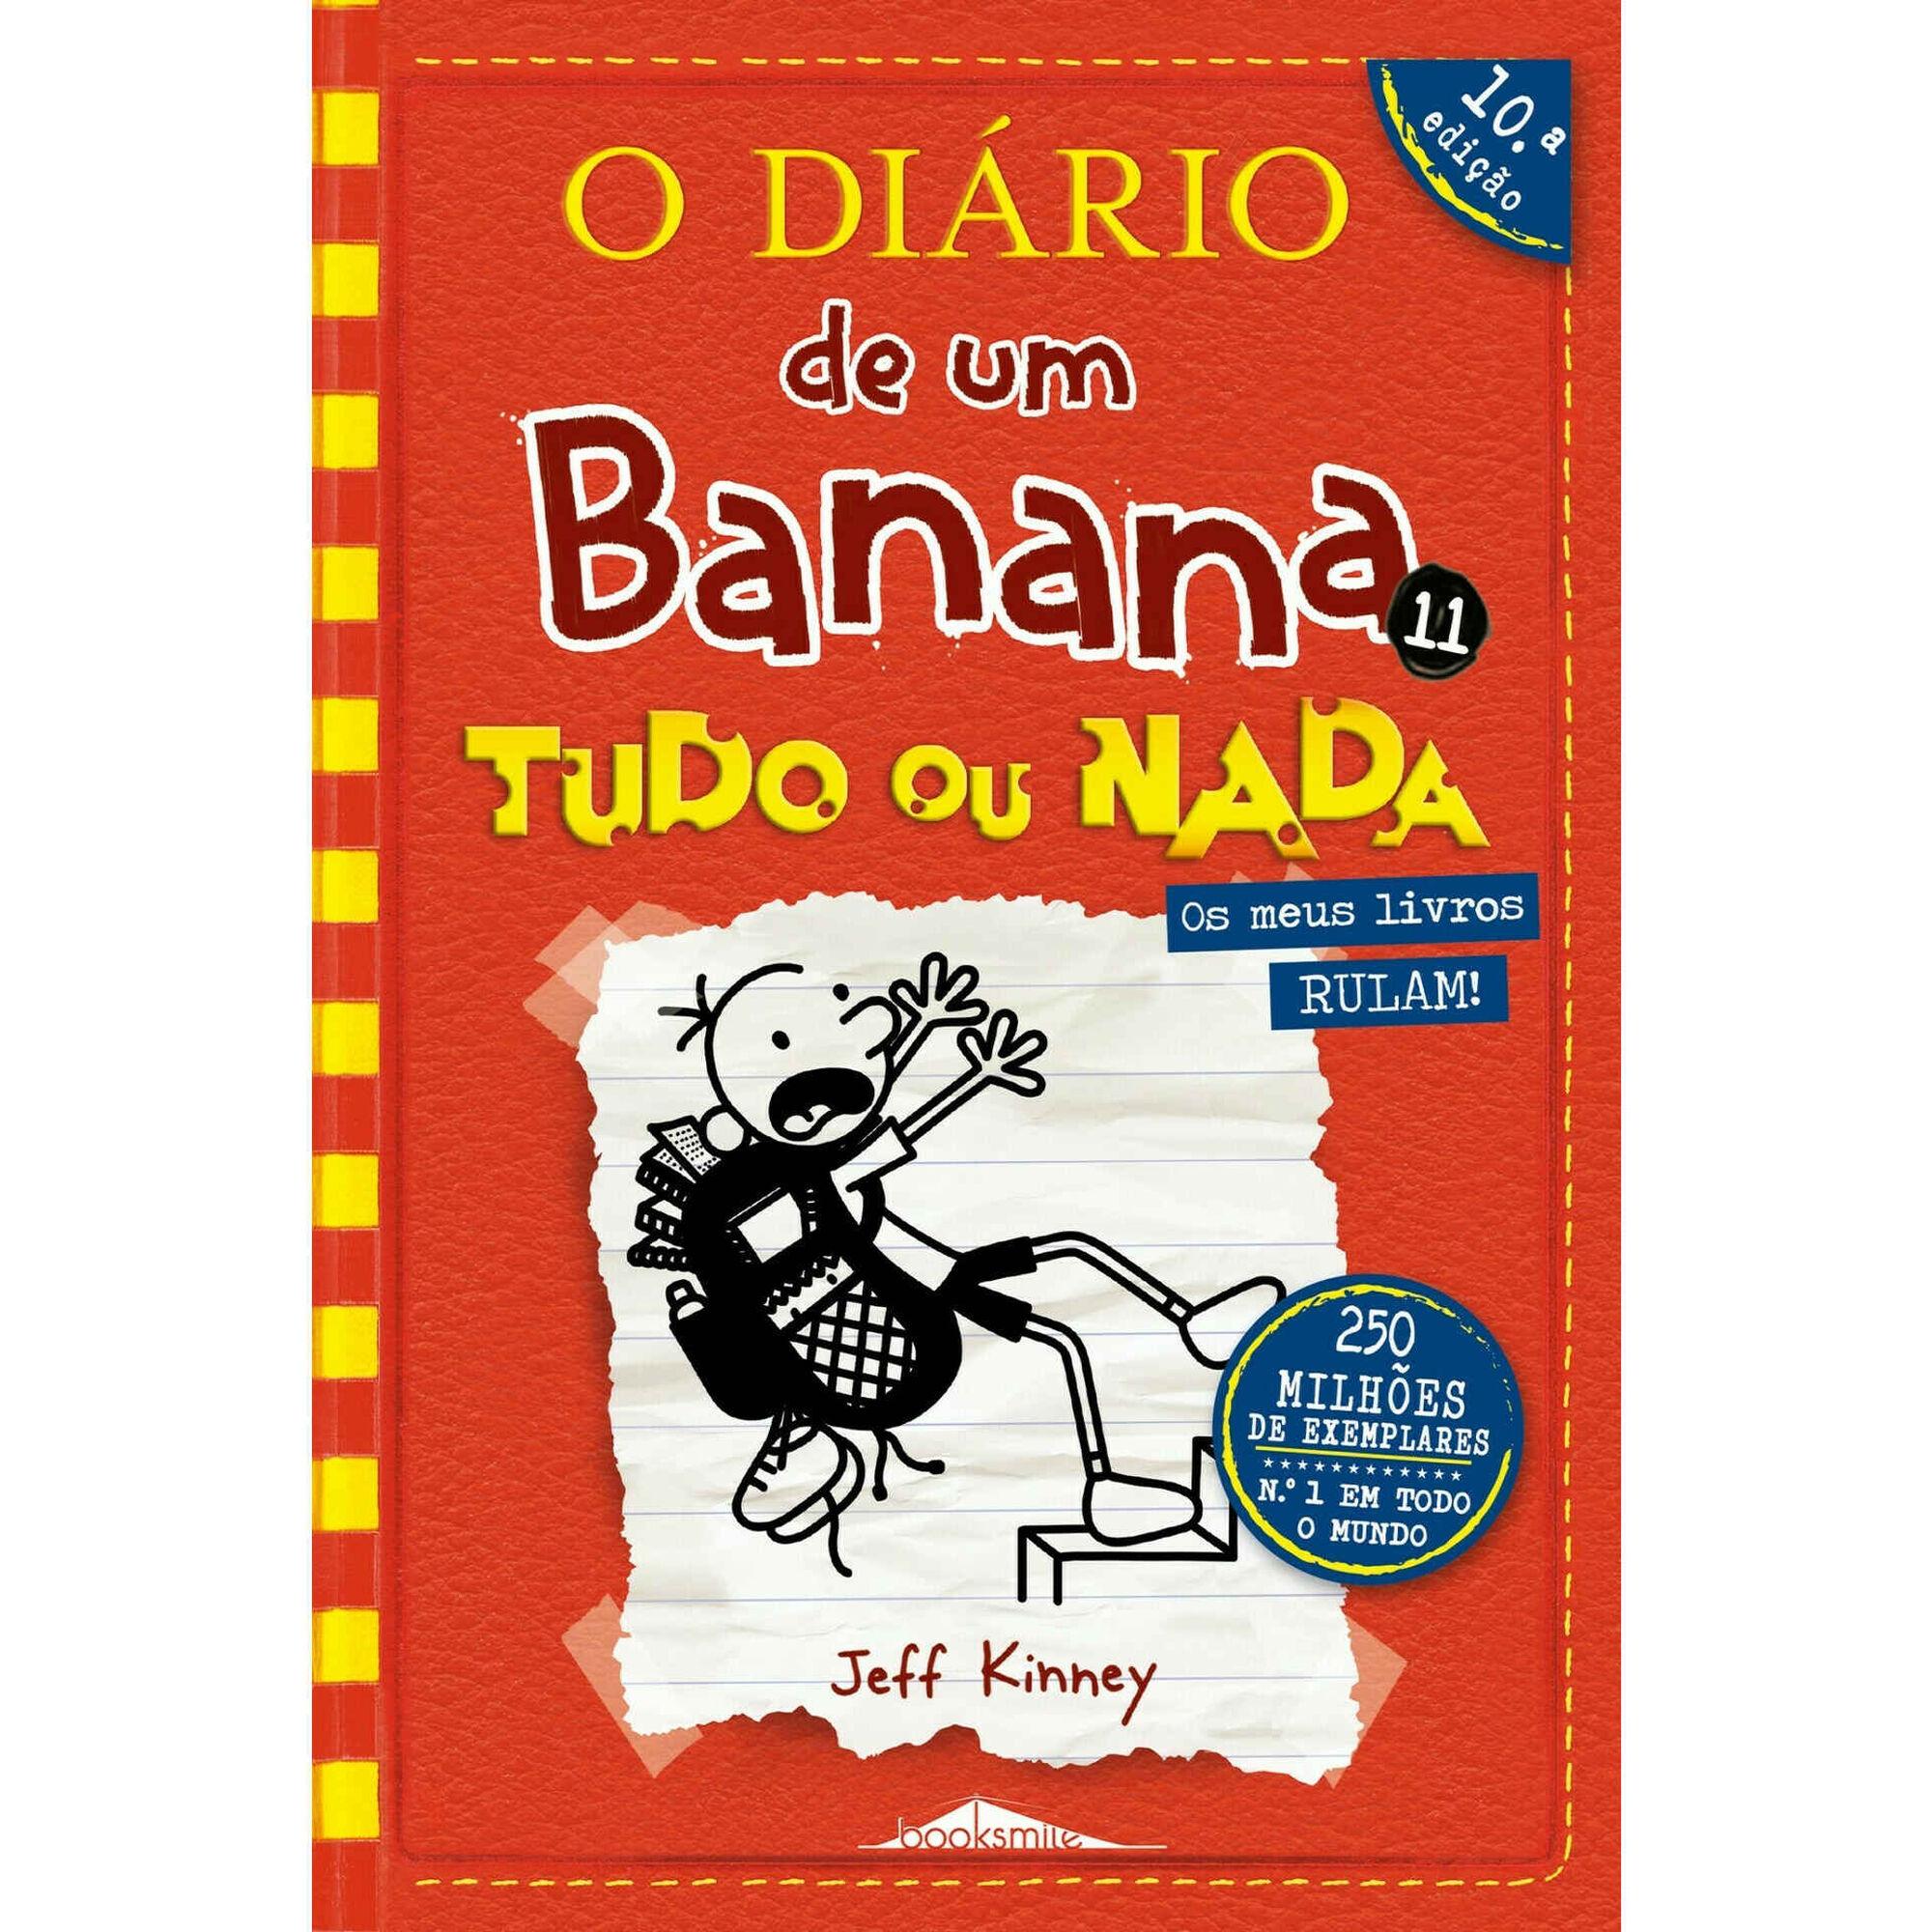 O Diário de um Banana 11 - Tudo ou Nada